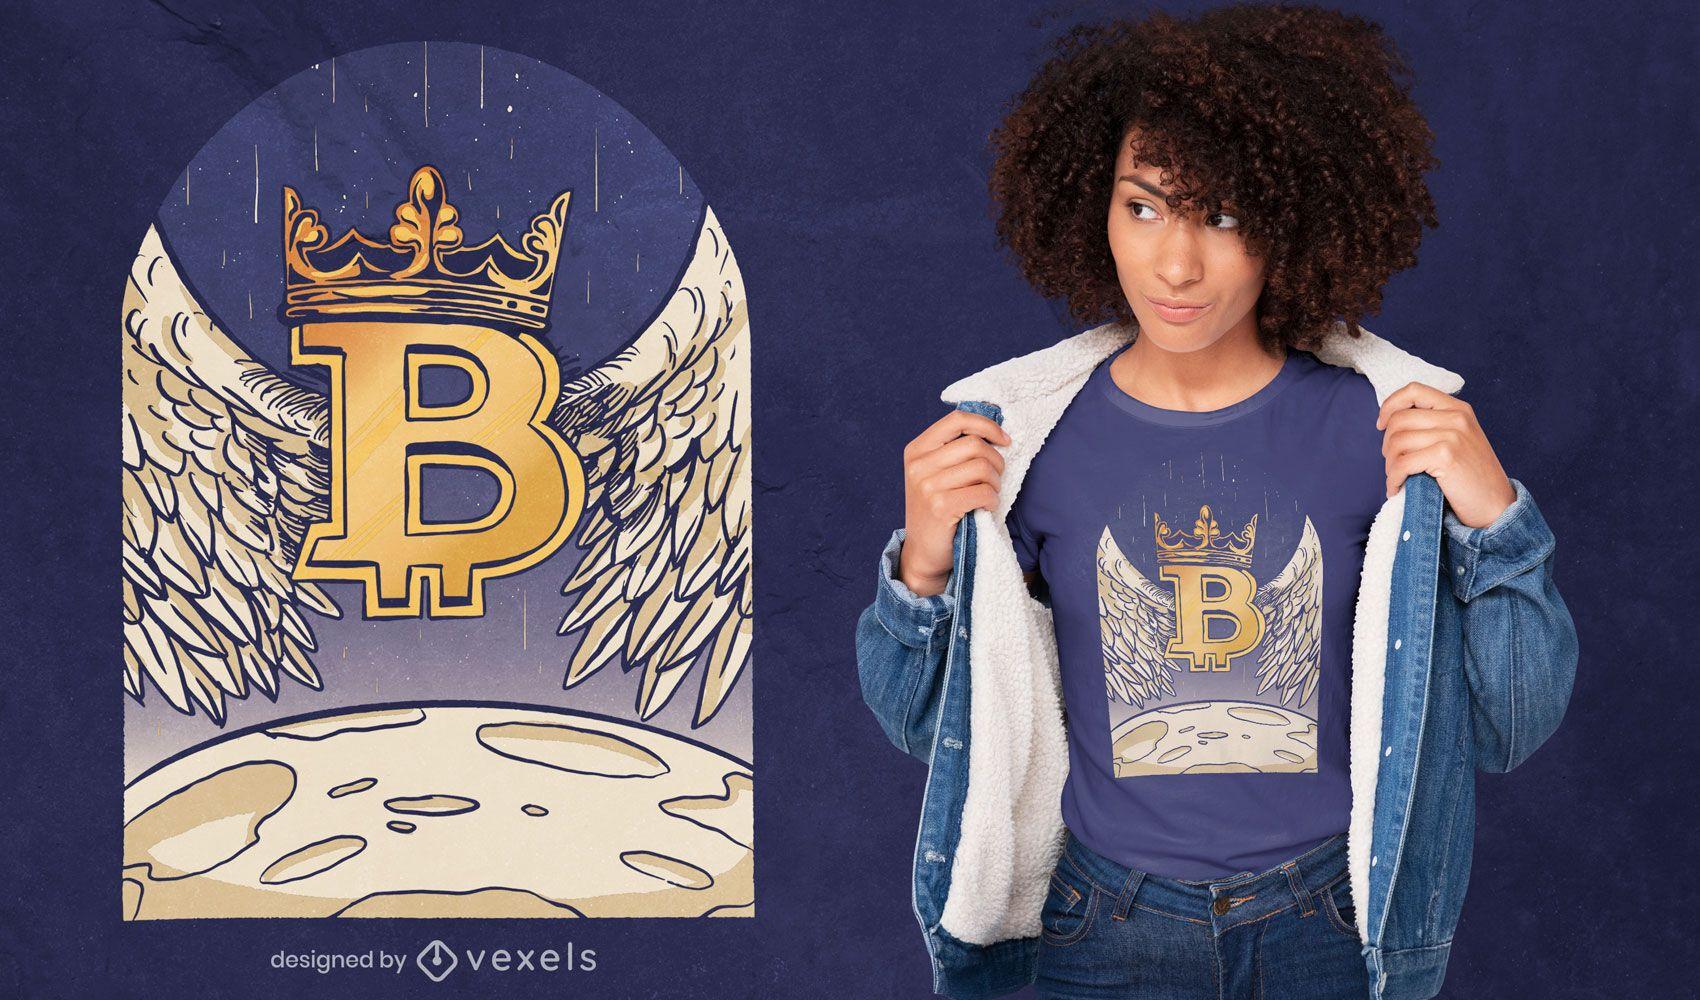 Engel-Bitcoin-Landung auf dem Mond-T-Shirt-Design